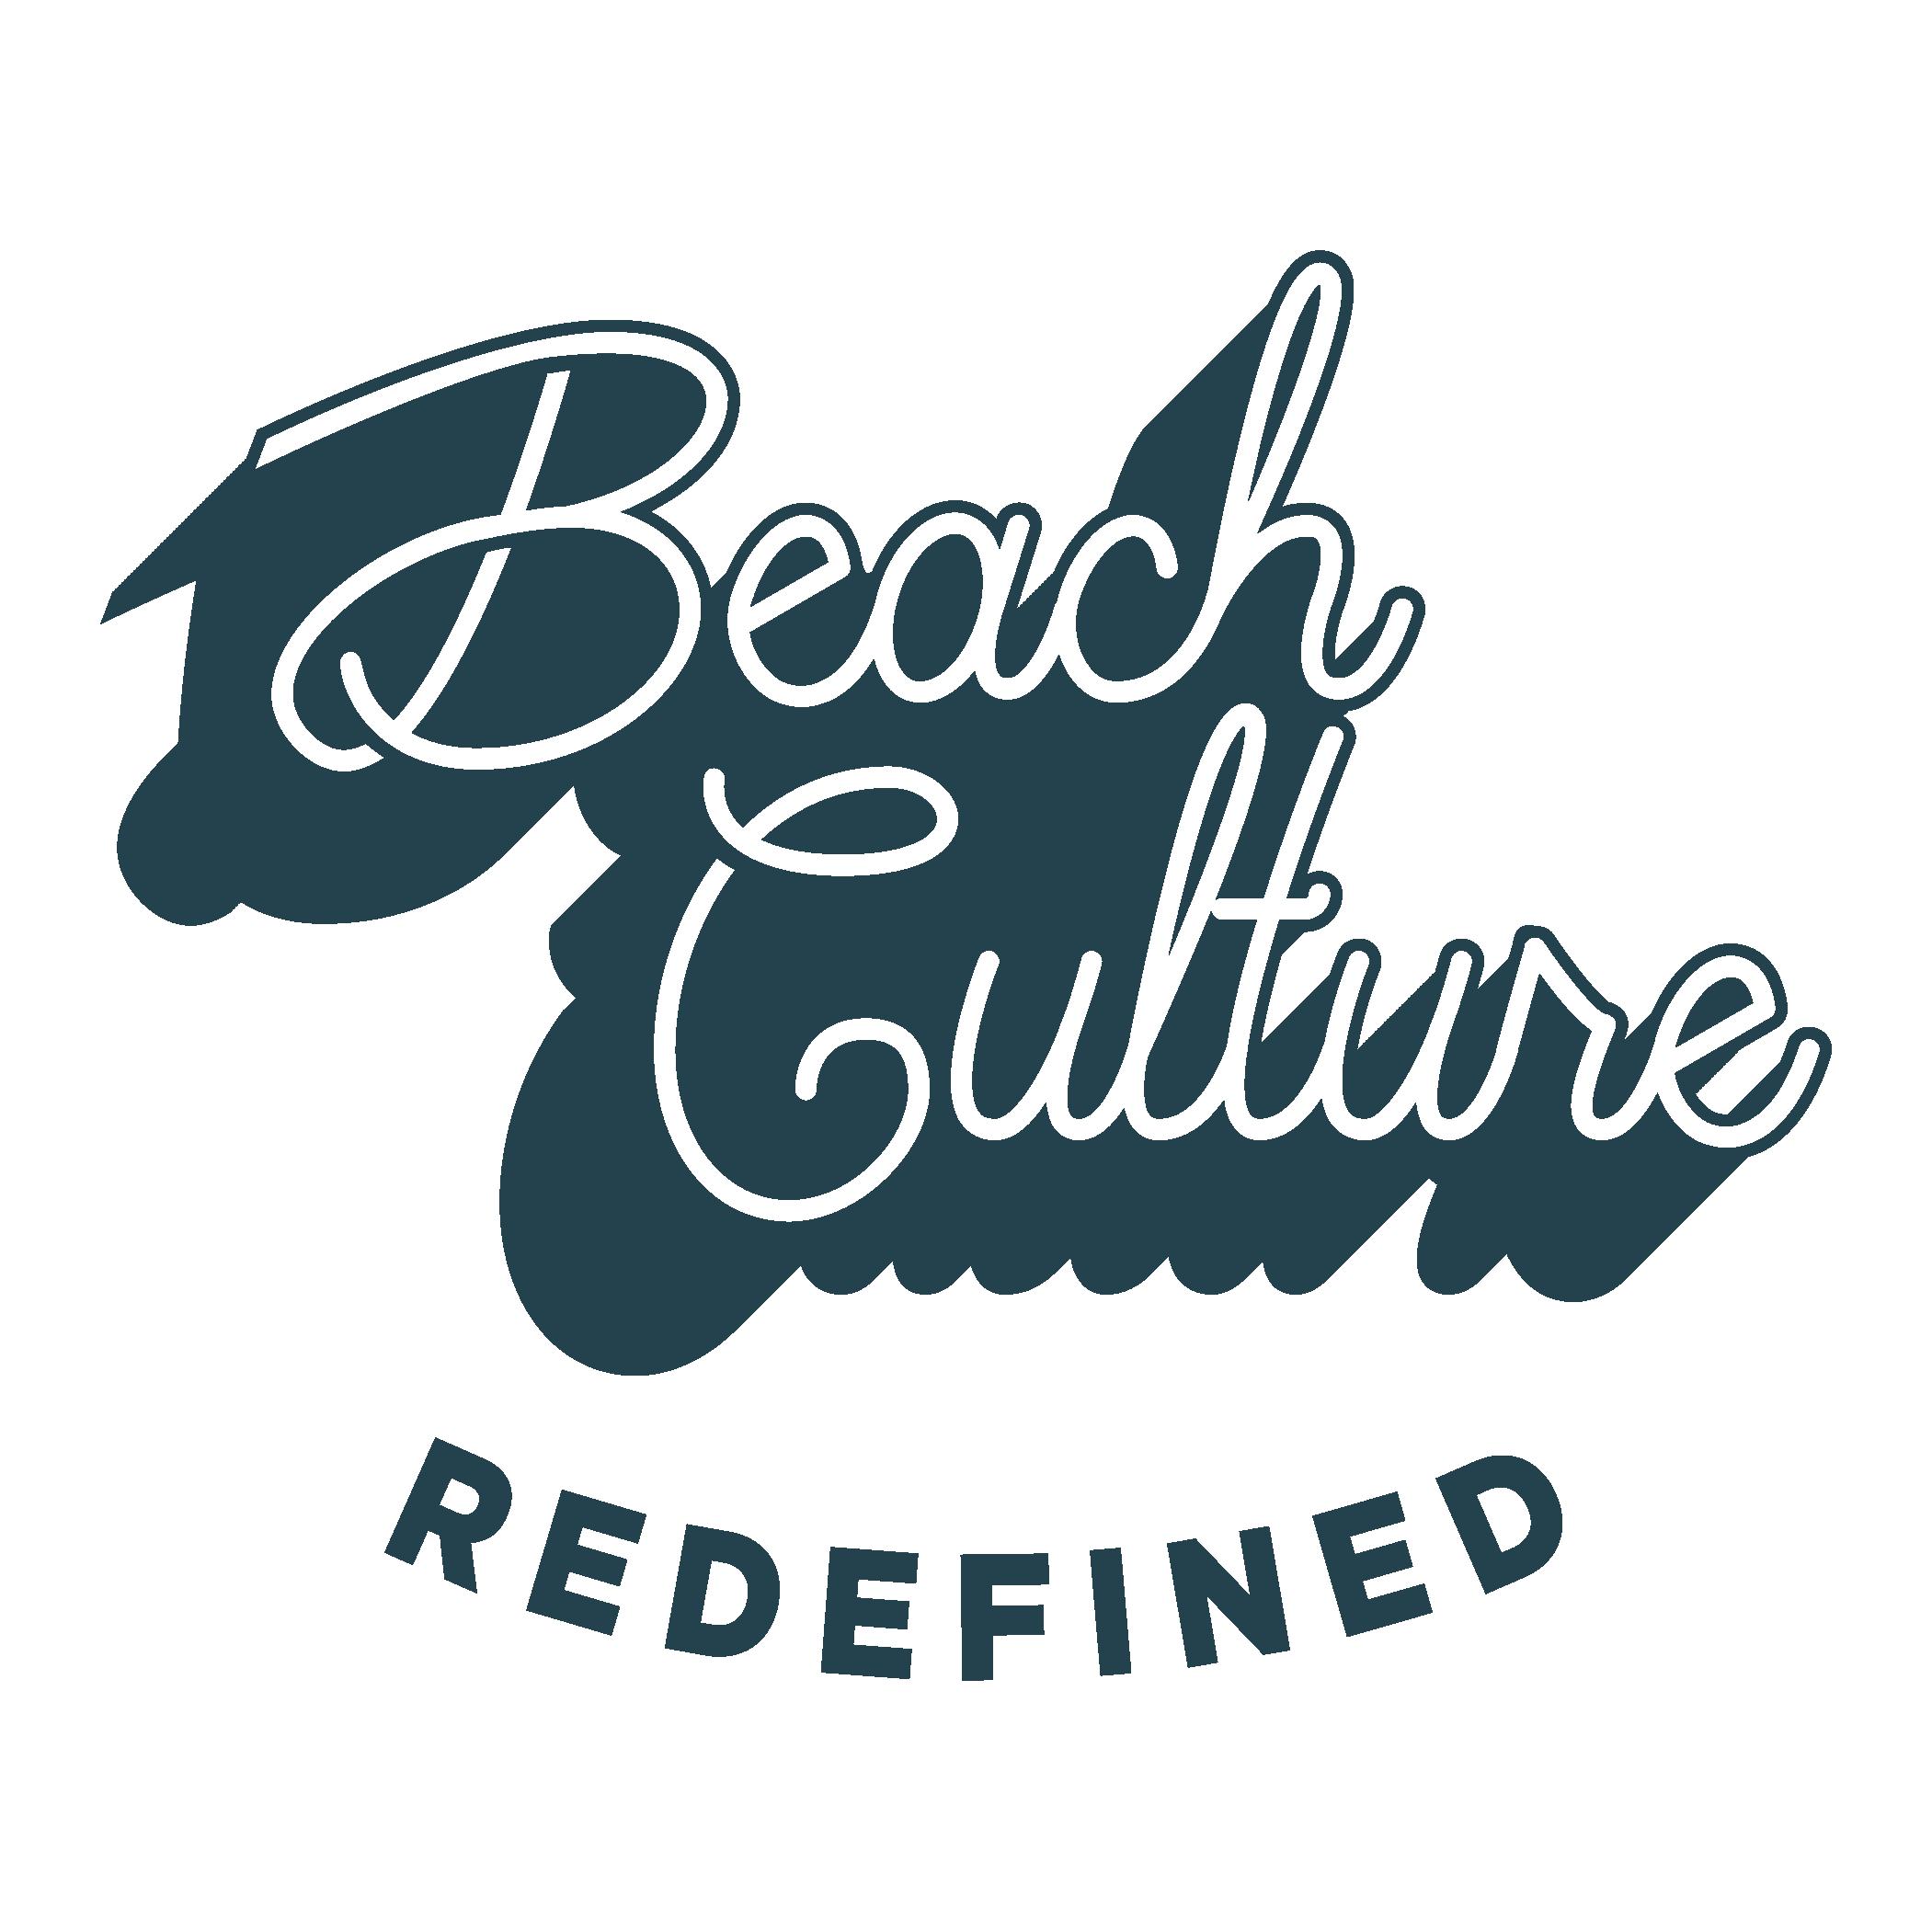 24f79e5b881619d61204_Program_Logos_Beach_Culture_1color.jpg